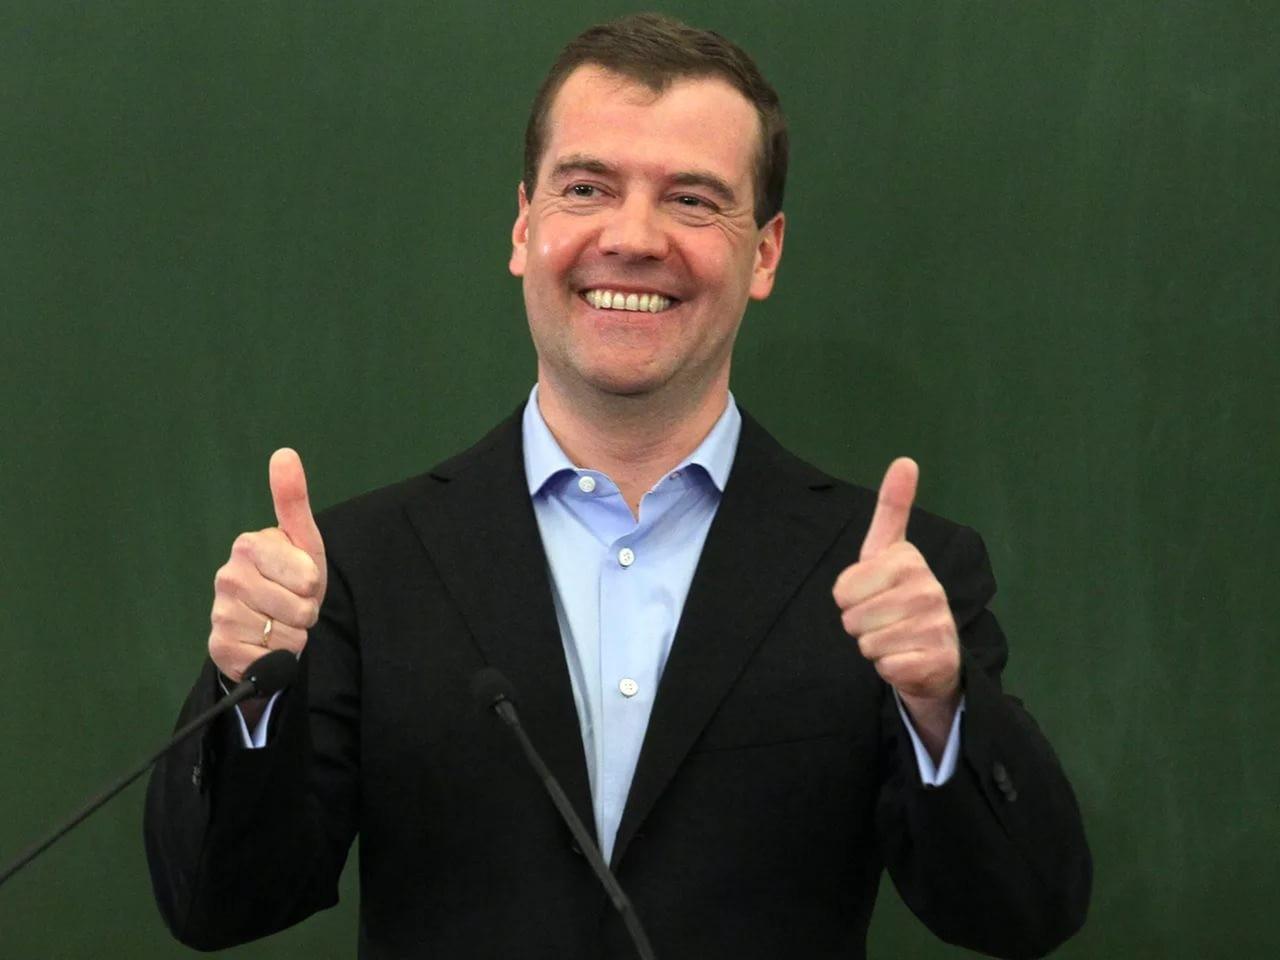 Вся вода вбюветах должна быть бесплатной— Д. Медведев